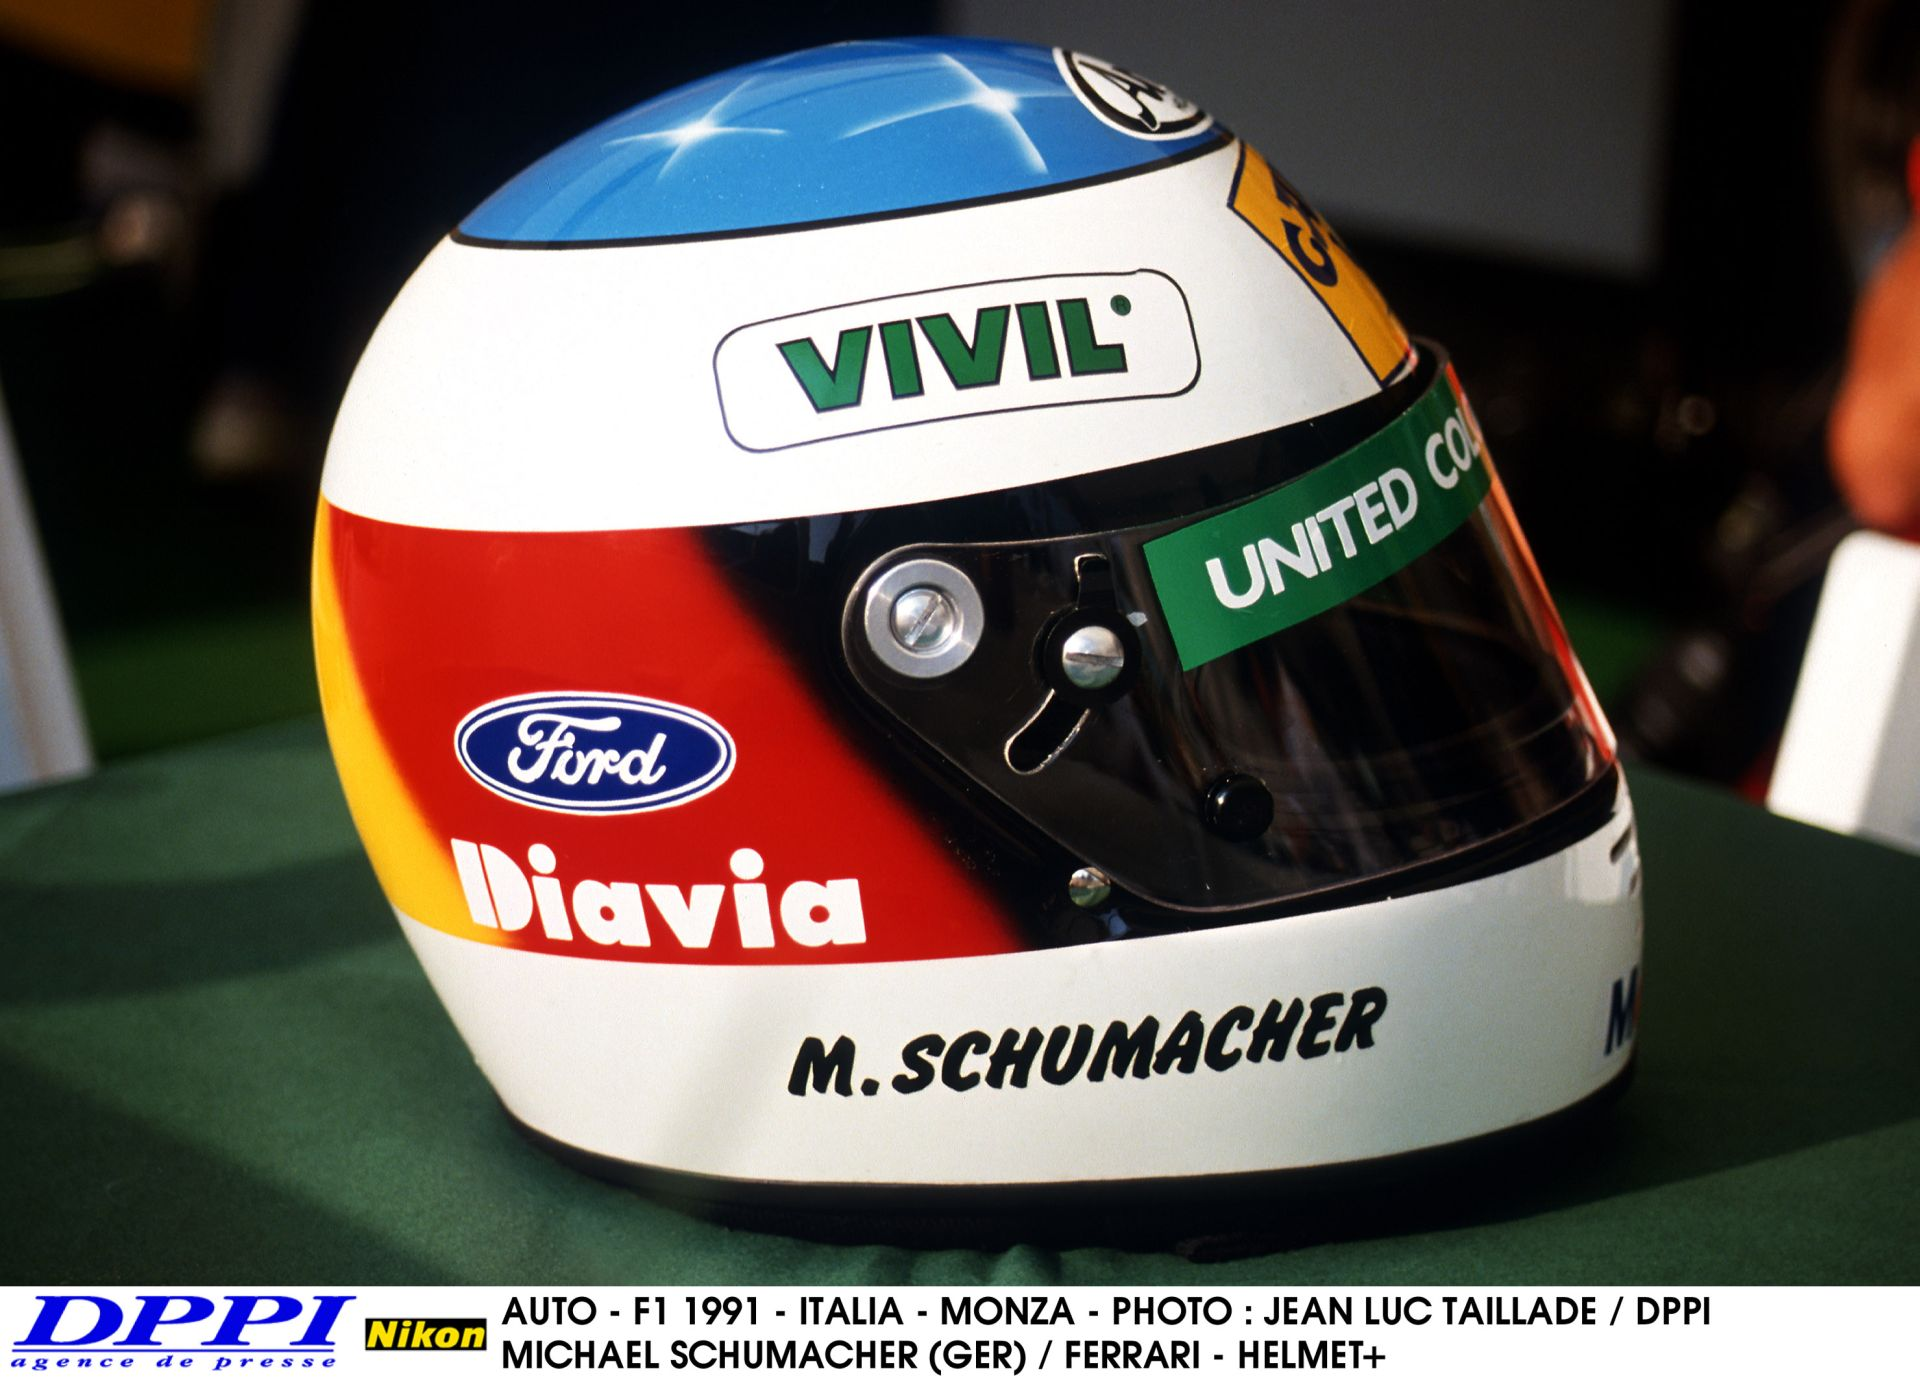 A sorozat, amiben egy híján az összes futamot megnyerte Schumacher: Formula König, 1988